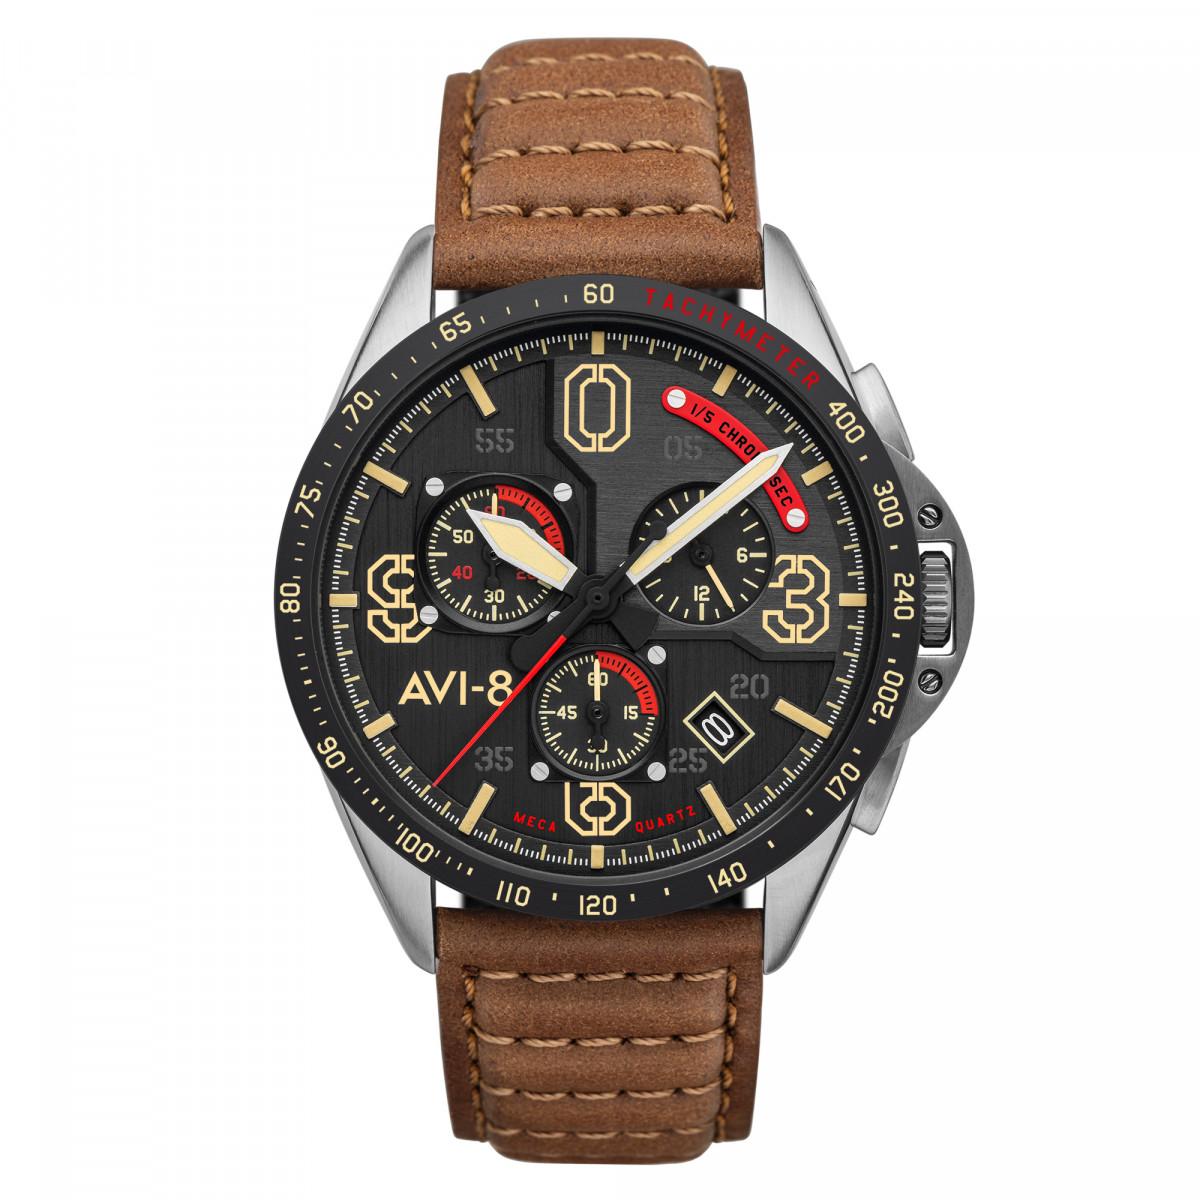 Montre AVI-8 P-51 MUSTANG méca-quartz chronographe - cadran noir - bracelet marron